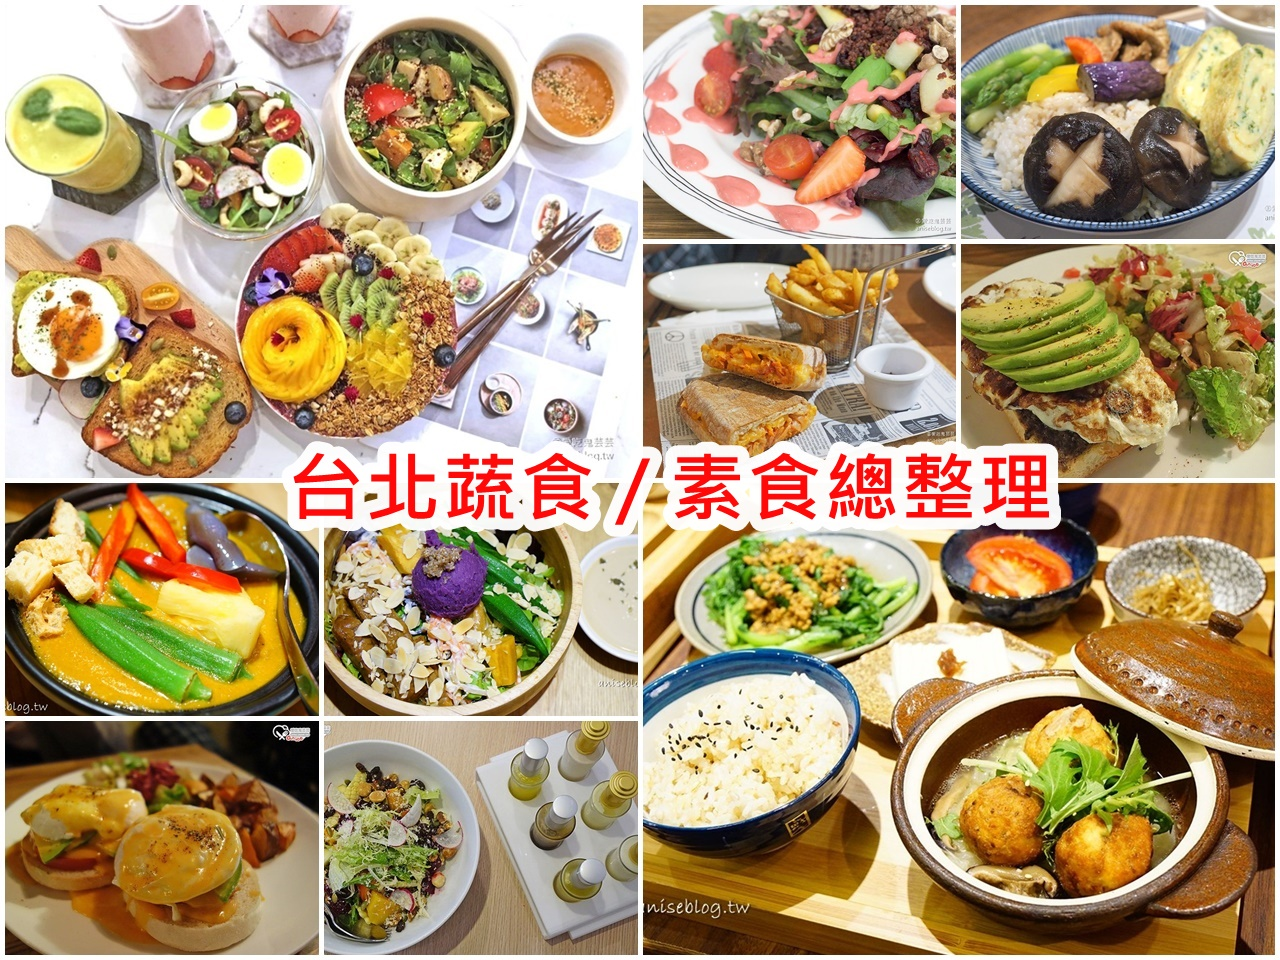 台北蔬食 / 素食餐廳總整理 @愛吃鬼芸芸